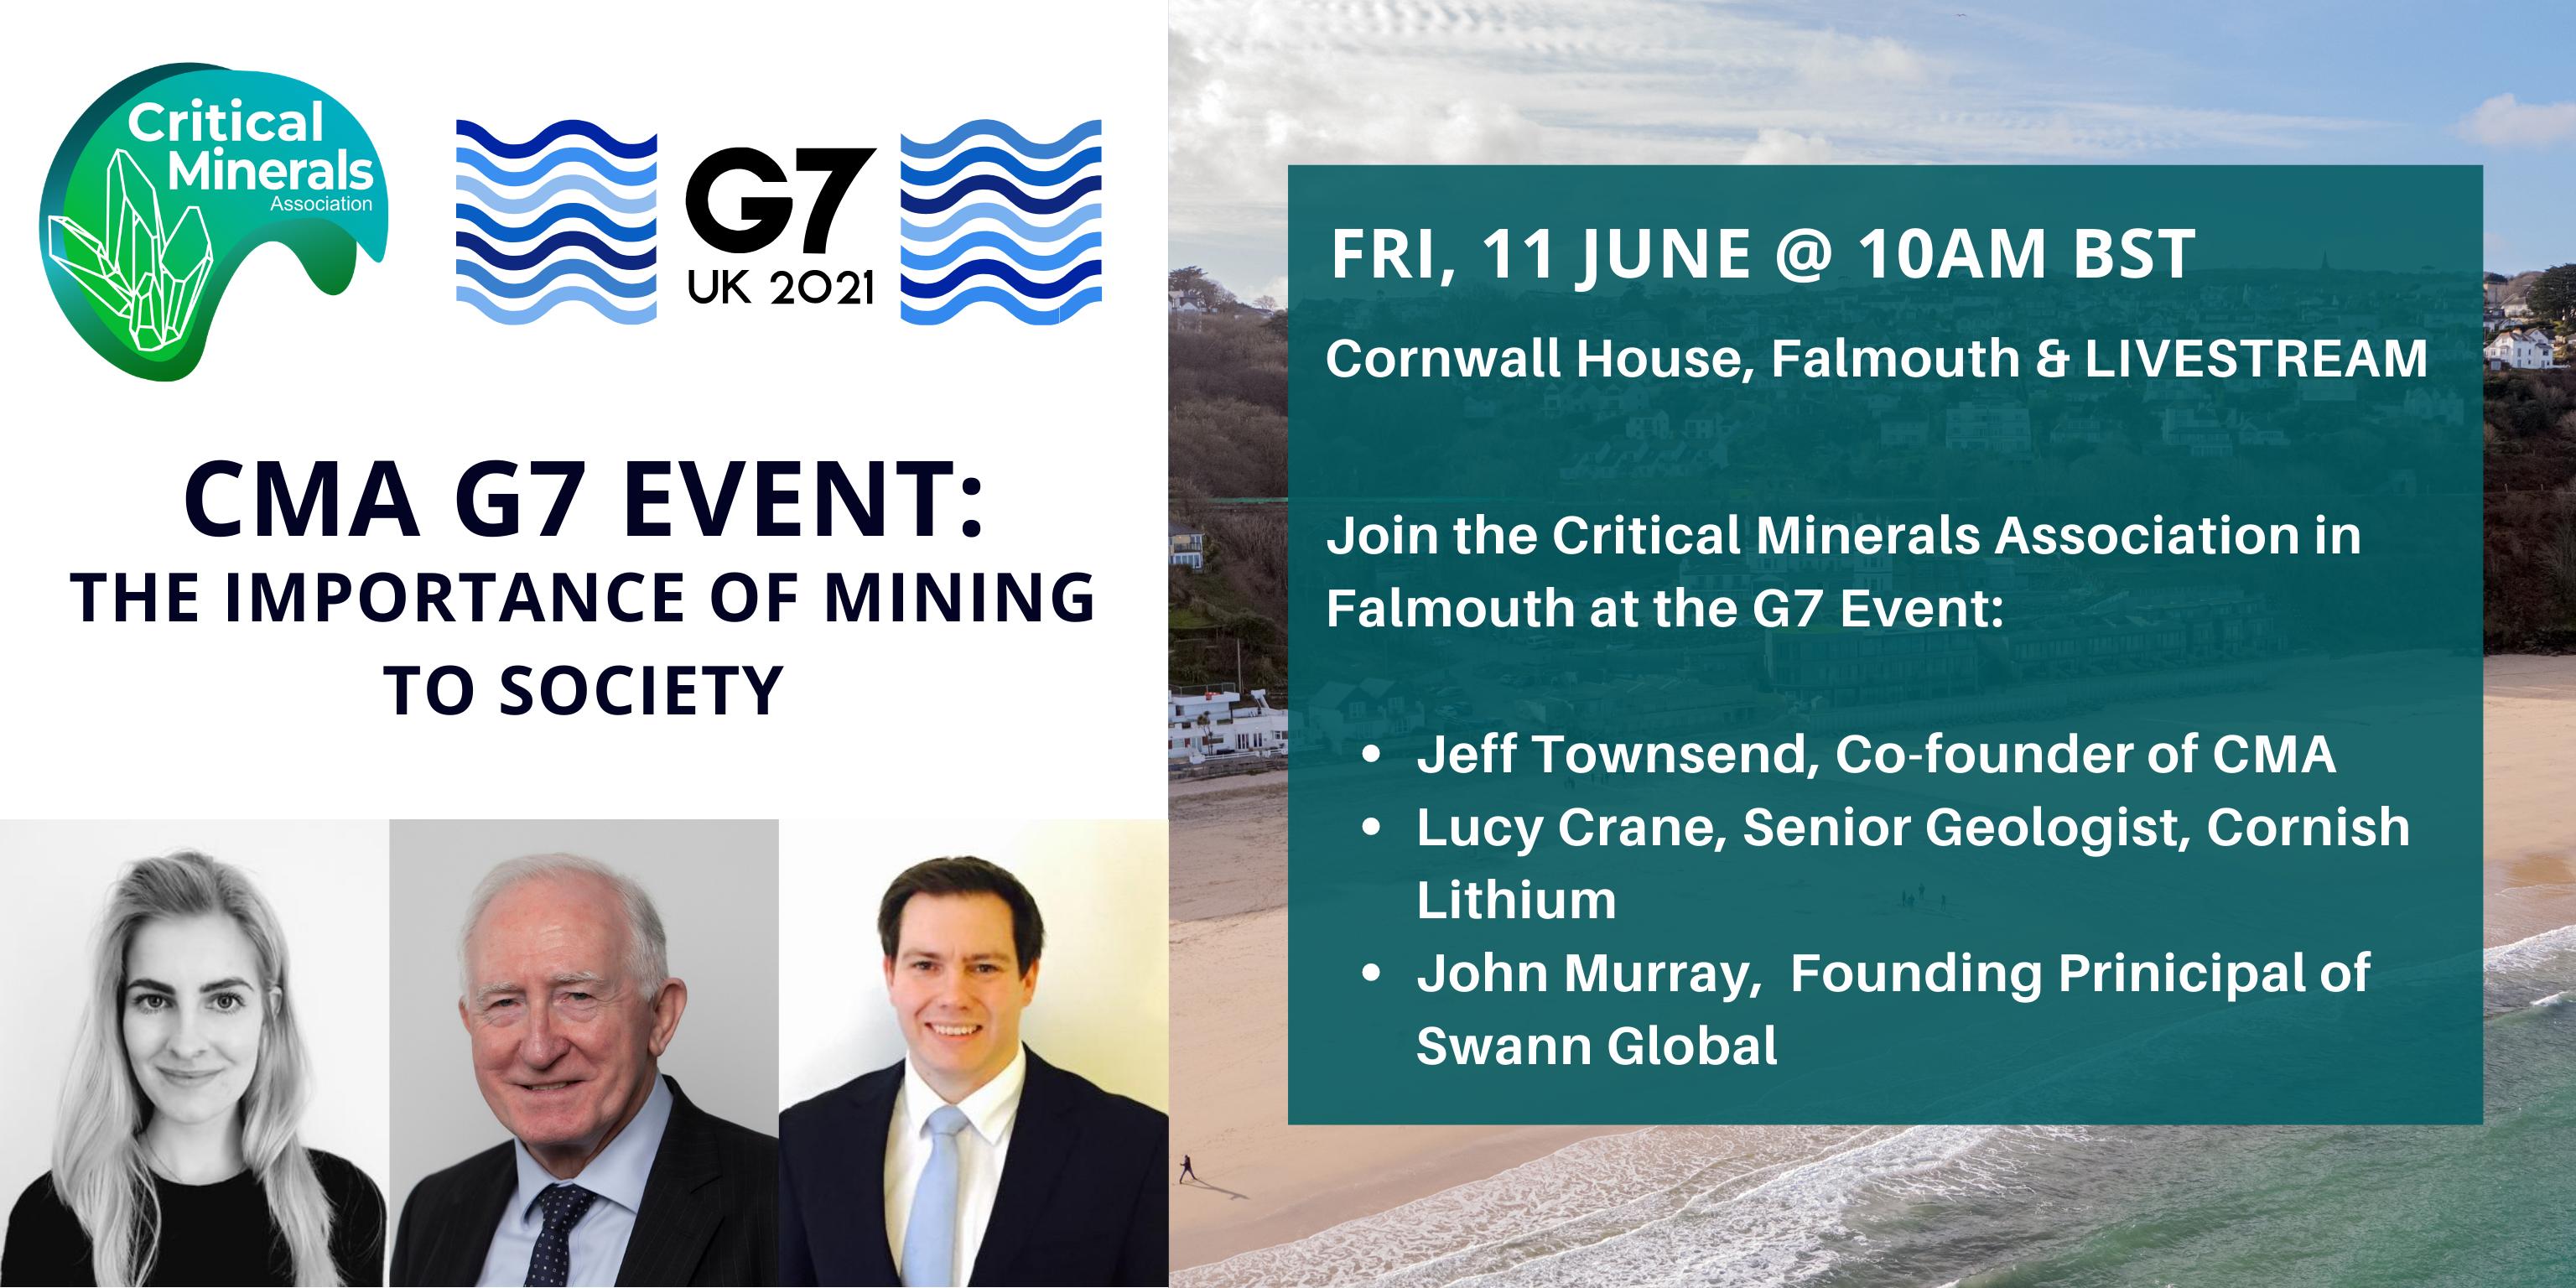 Critical Minerals Association G7 Event Poster